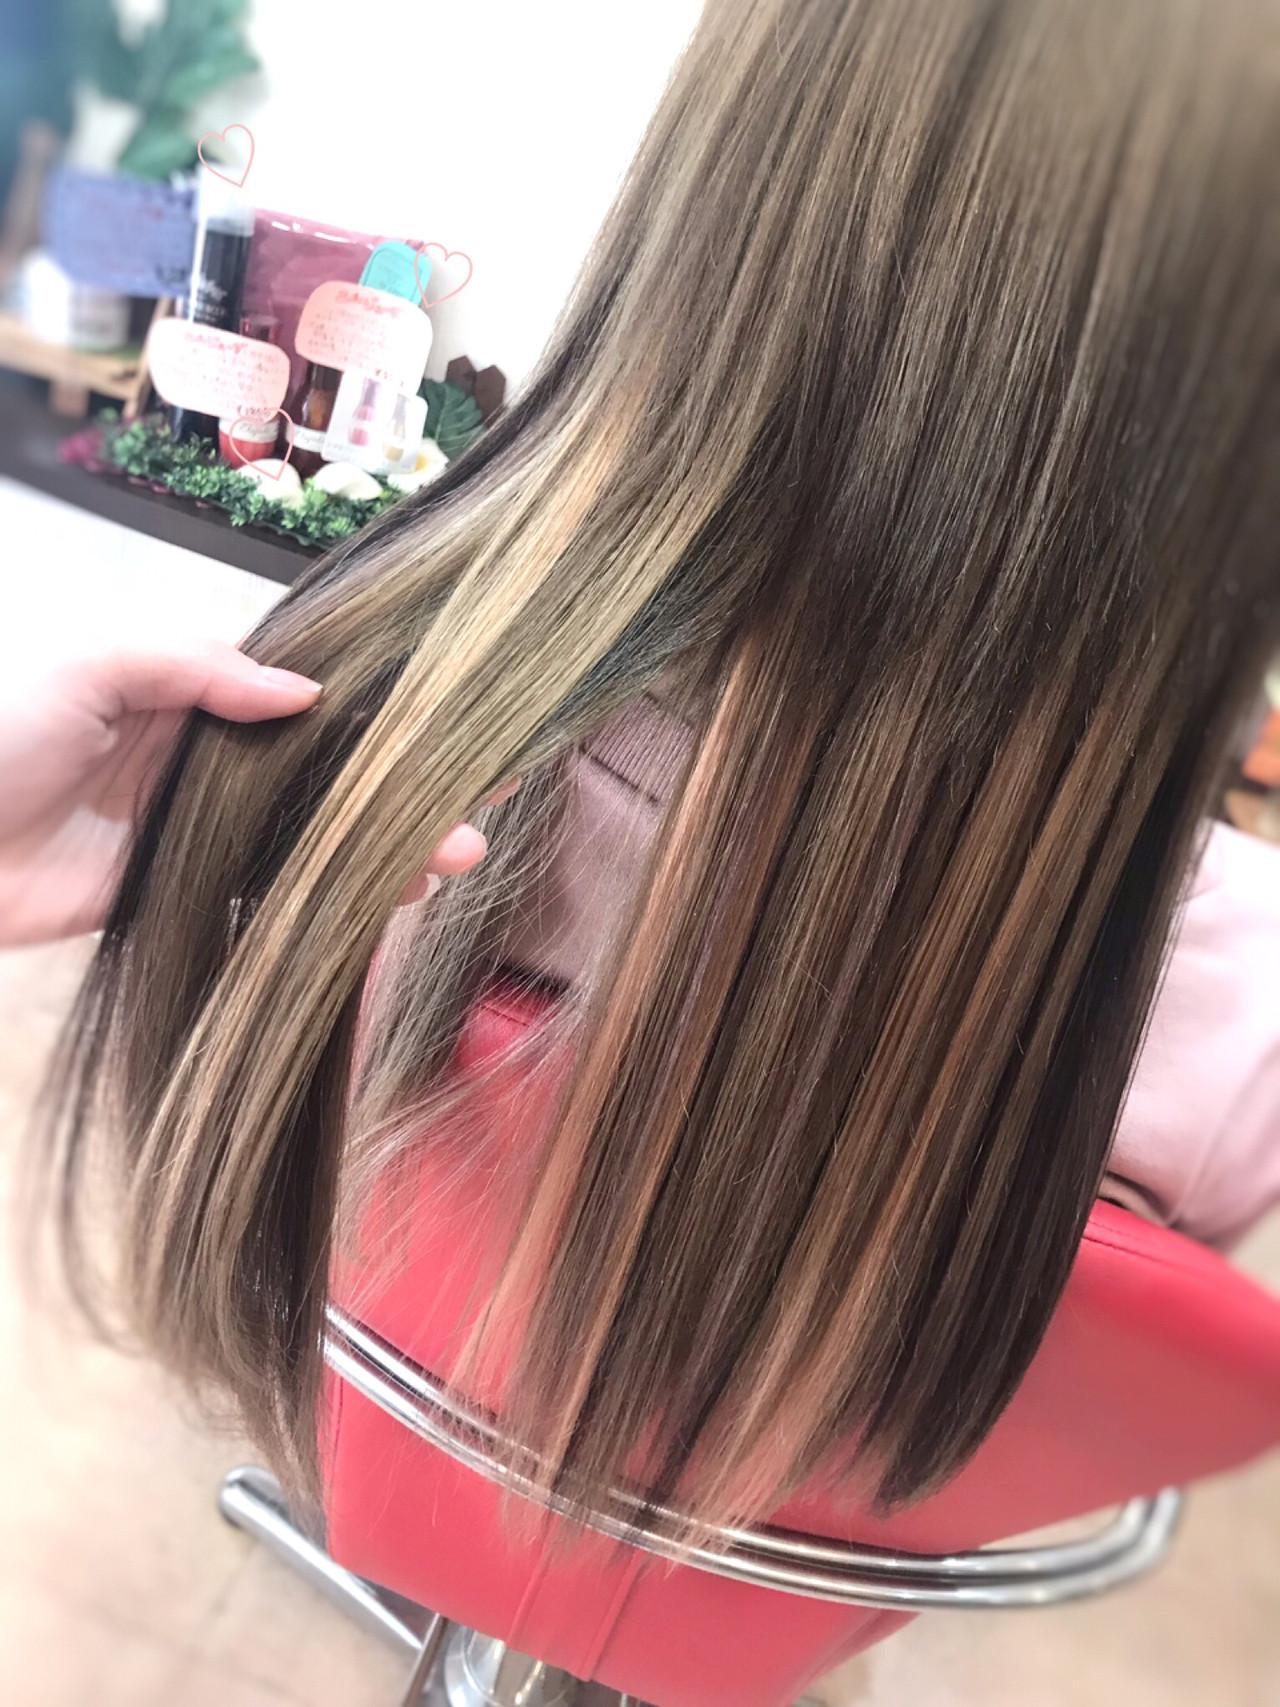 デート エクステ グラデーション ピンク ヘアスタイルや髪型の写真・画像 | リズム / エクステンションリズム北千住店